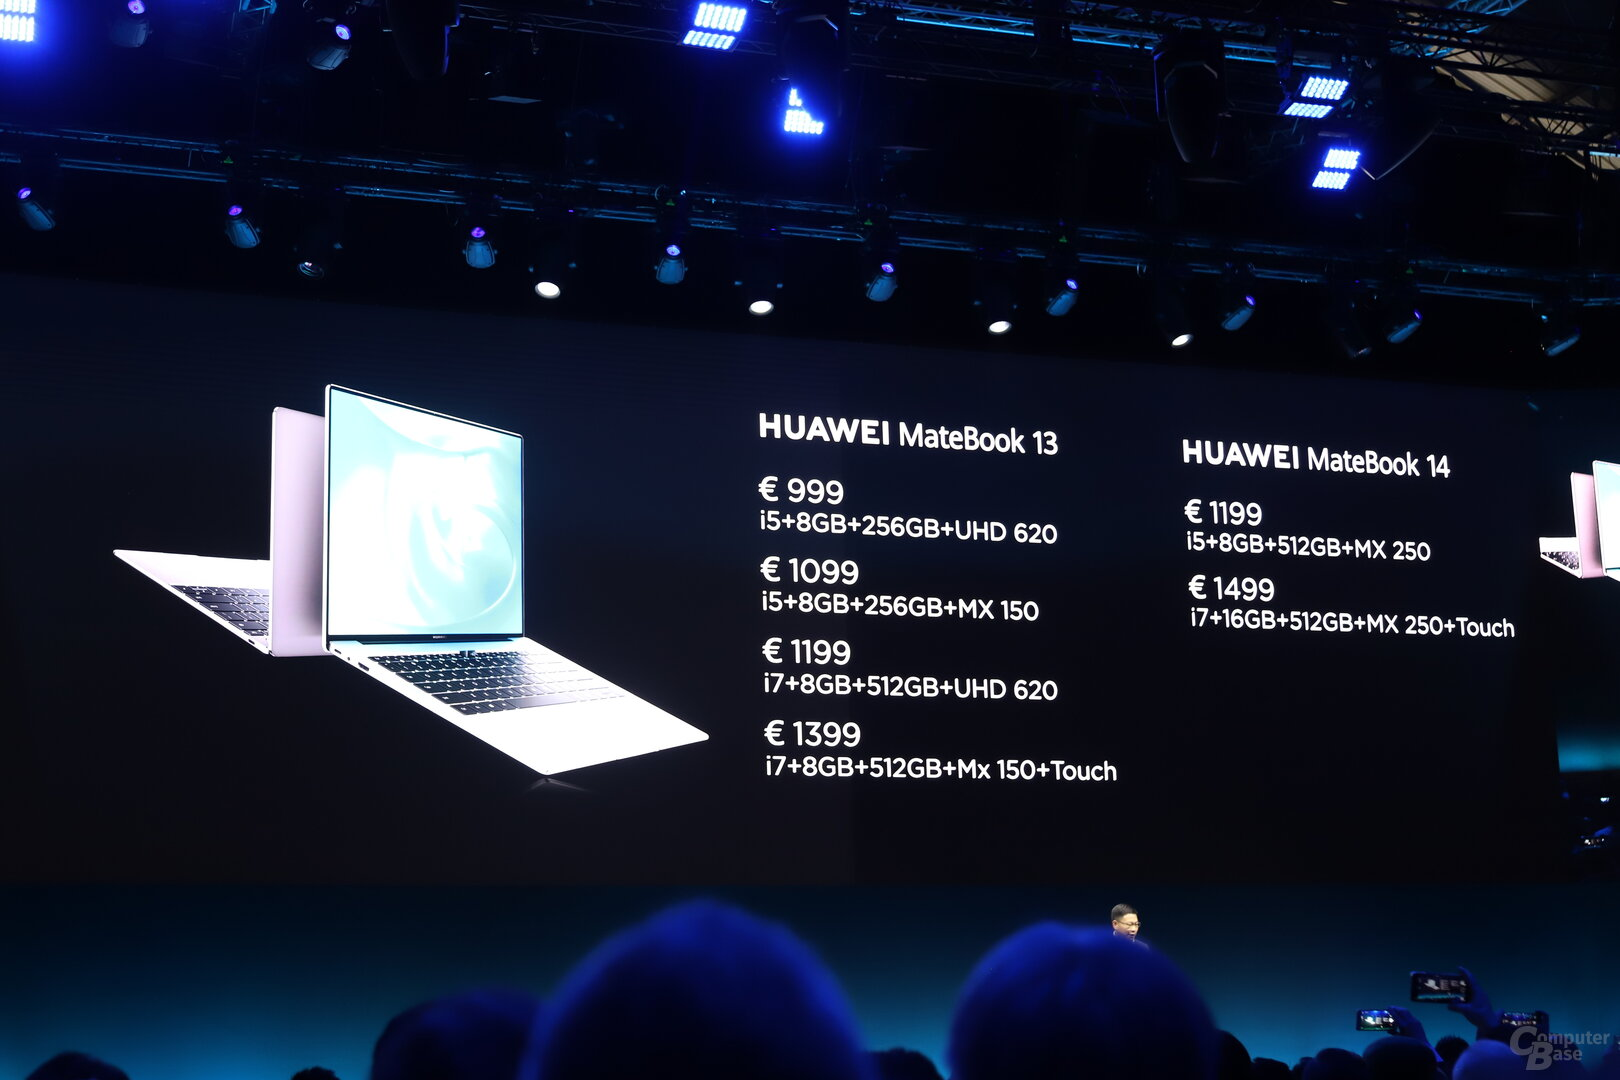 Die Preise für MateBook 13 und MateBook 14